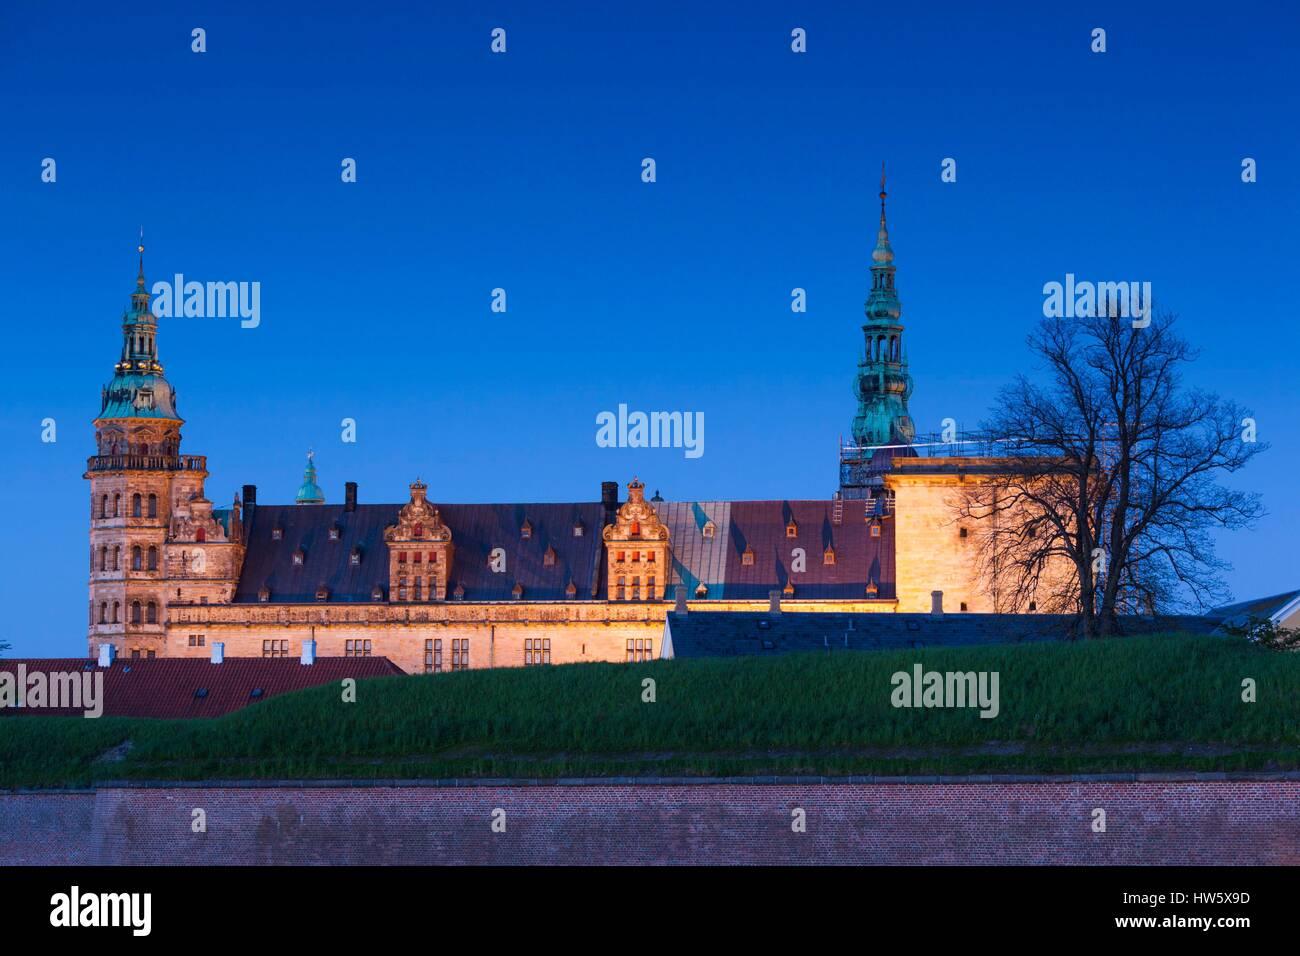 Denmark, Zealand, Helsingor, Kronborg Castle, also known as Elsinore Castle, from Shakespeare's Hamlet, eveing - Stock Image